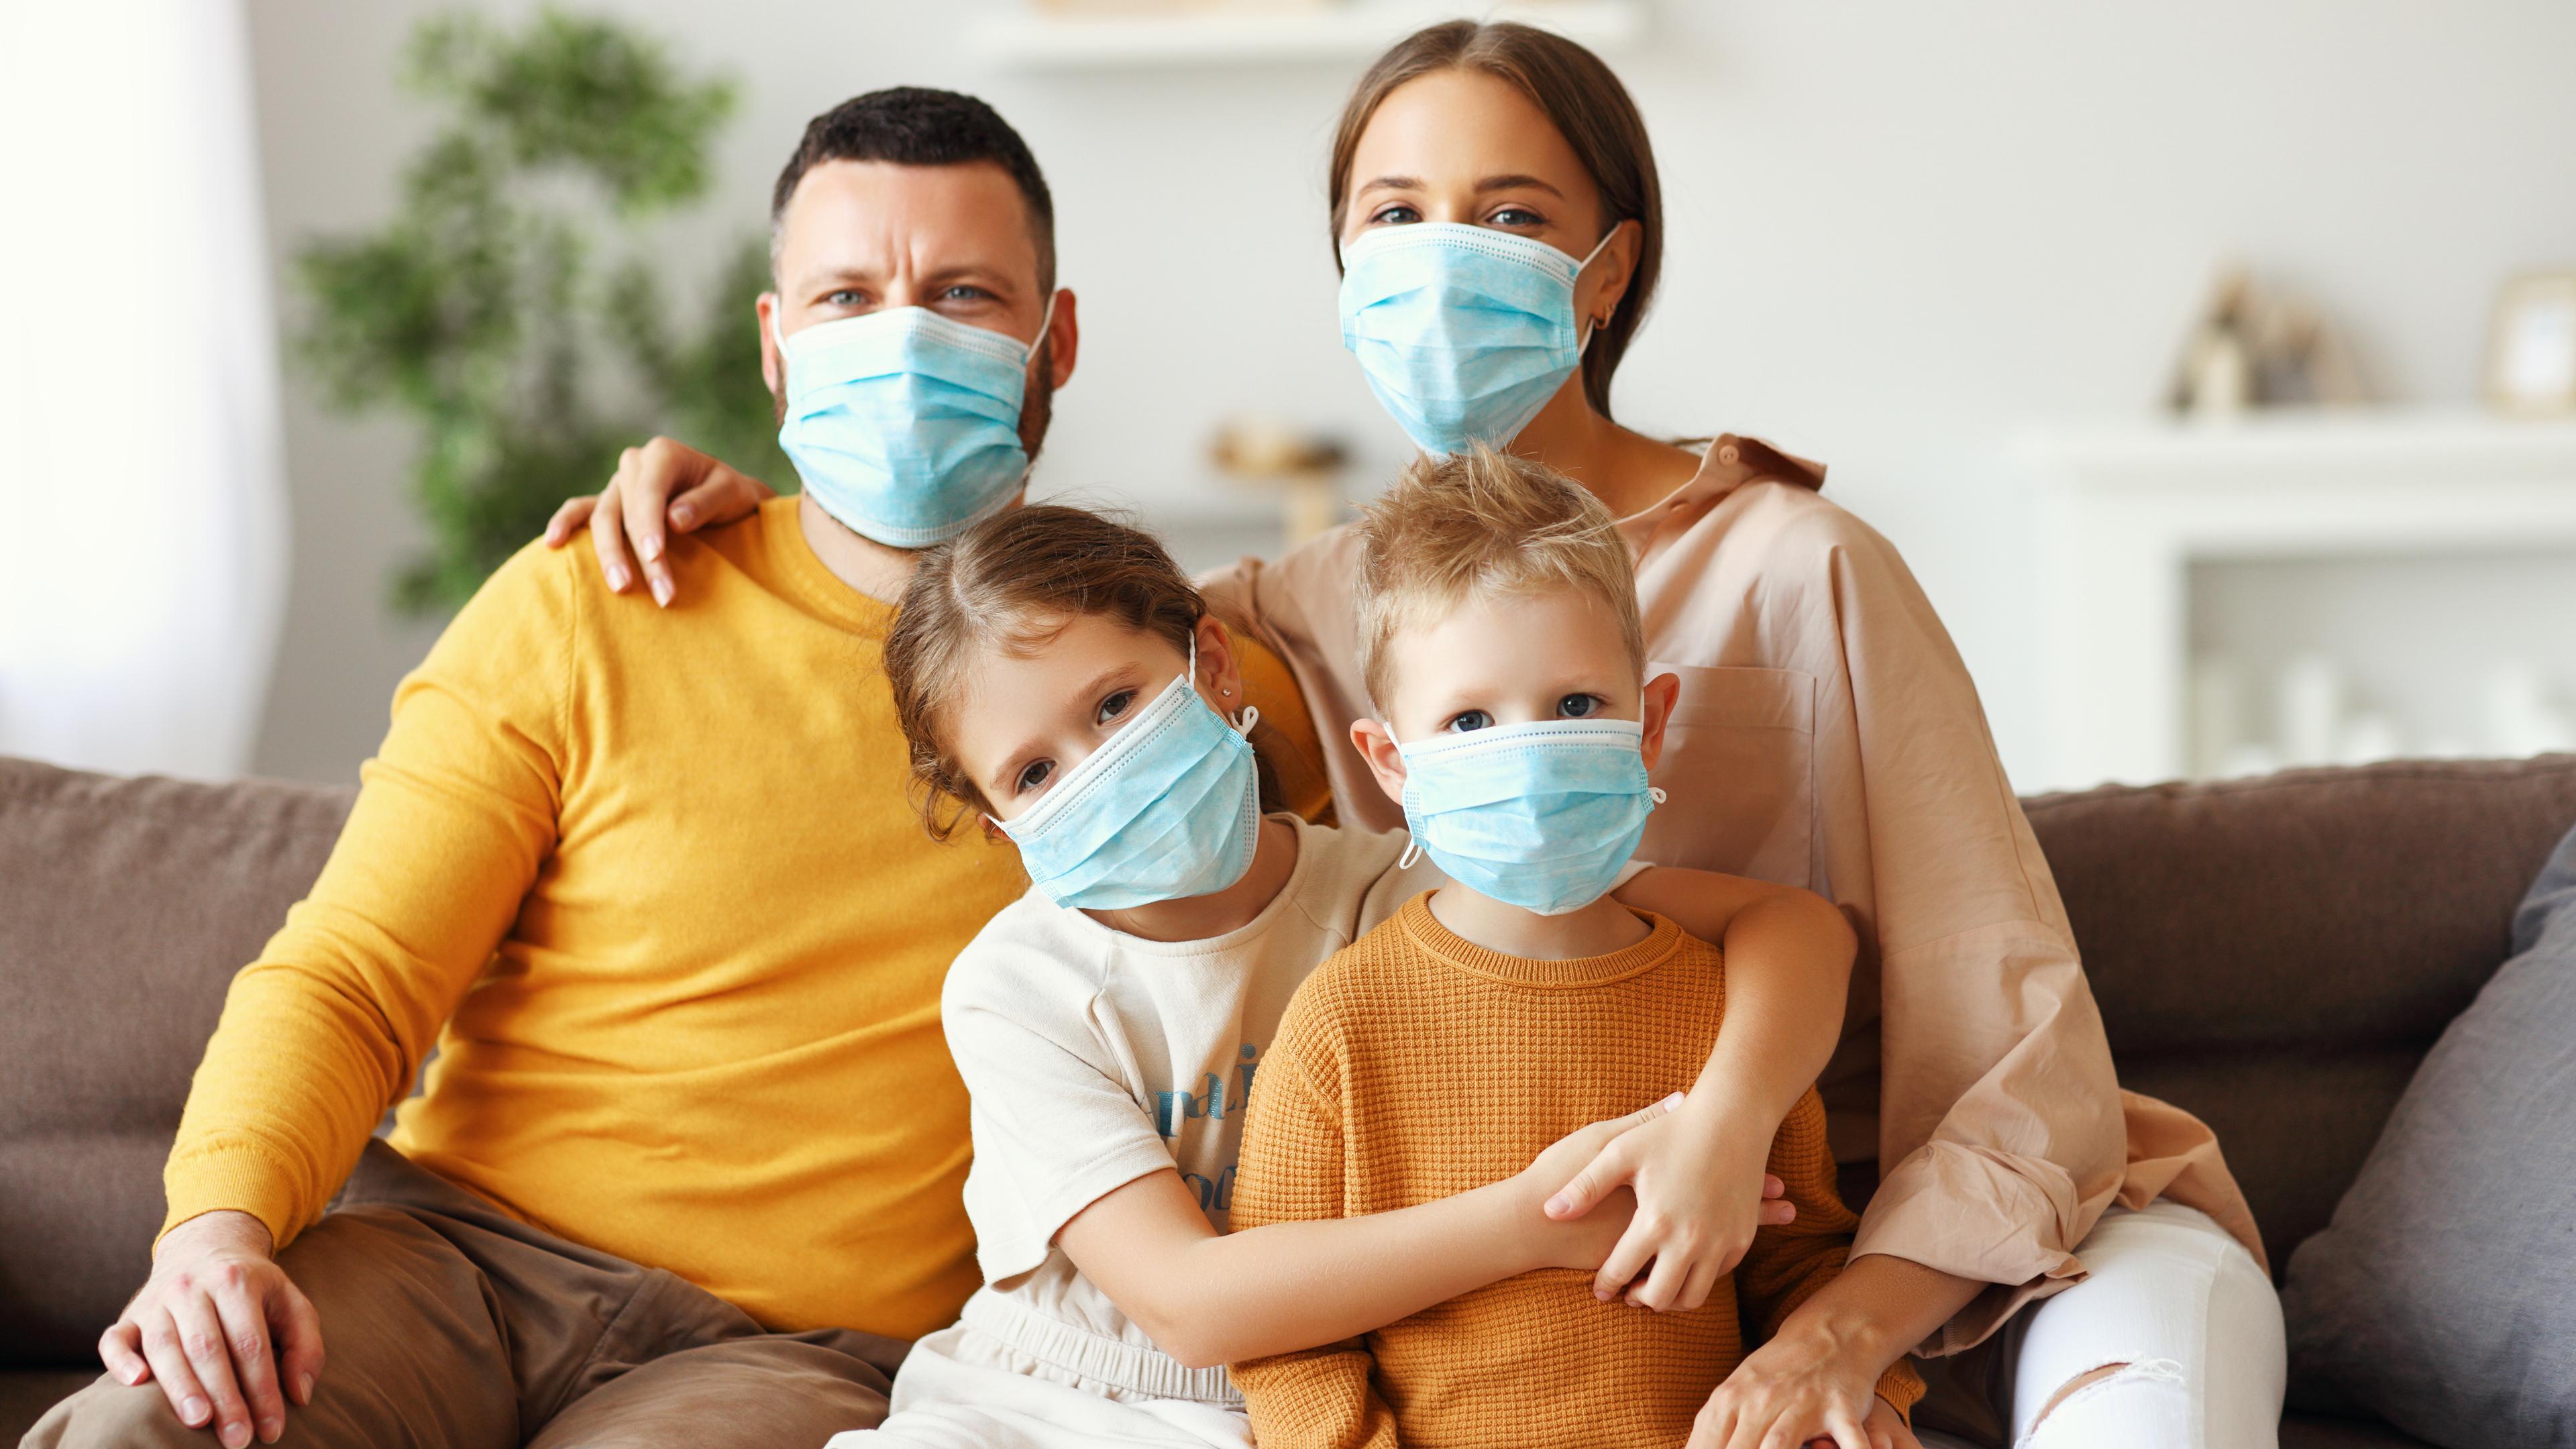 Как высок риск заражения COVID-19 от членов семьи?